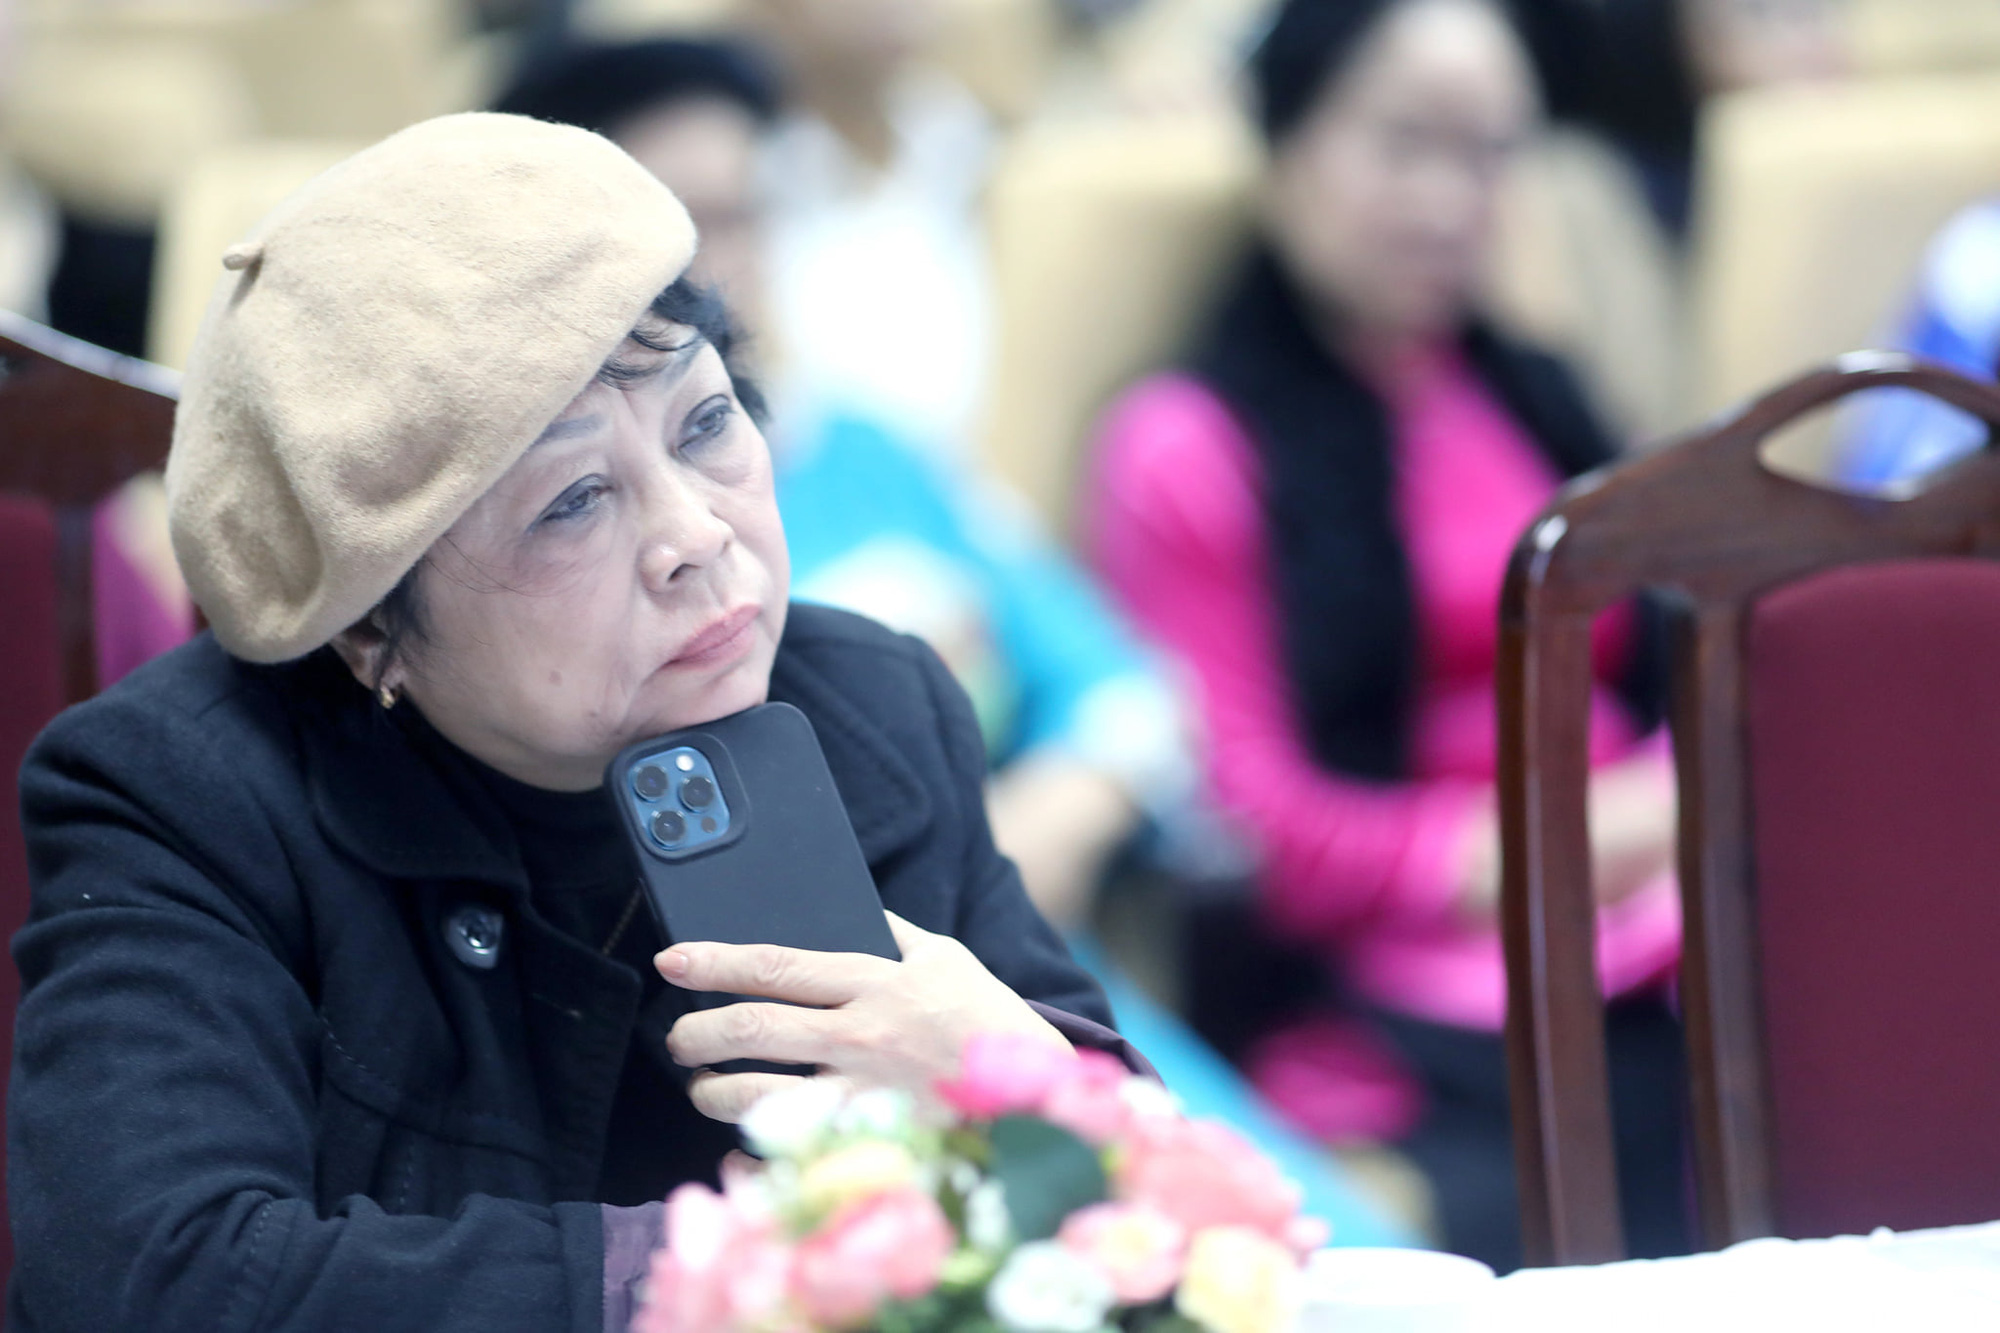 Xuân Tân Sửu: Xuân Bắc mong tìm khách cho nhà hát, Thu Quỳnh sợ shock khi con vào lớp 1 (Bài Tết) - Ảnh 5.